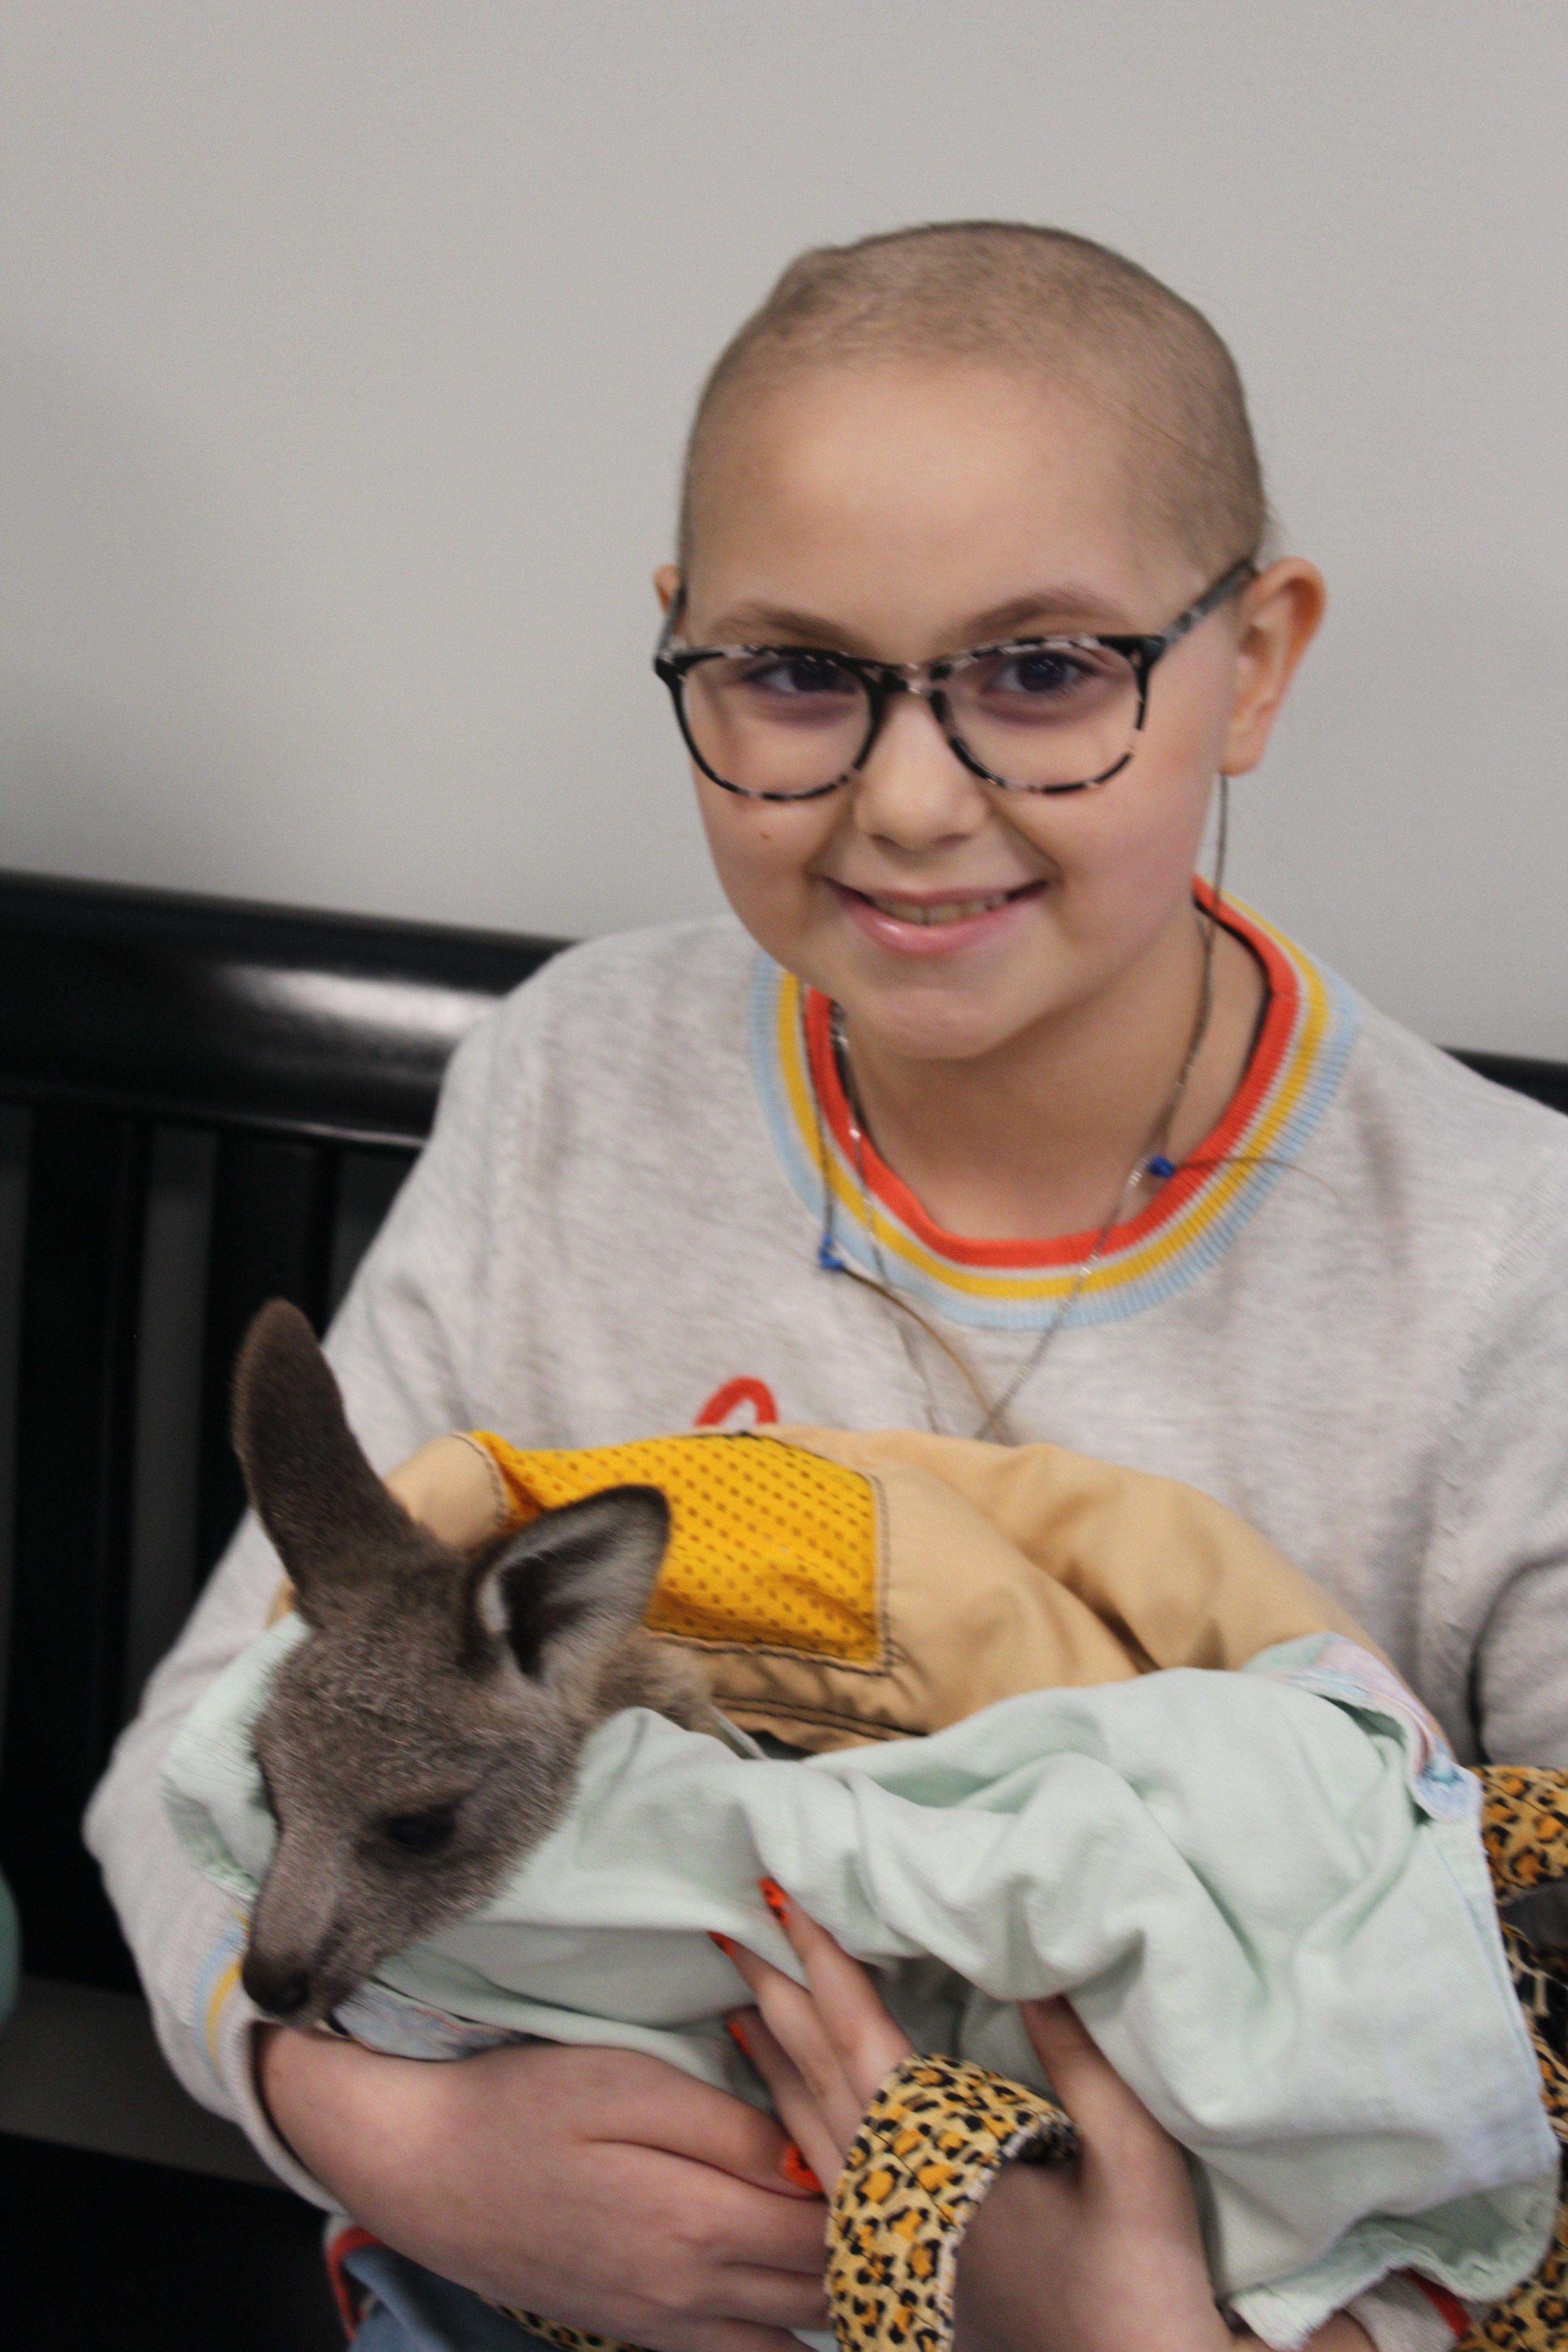 zoo baby kangaroo Oct 2019